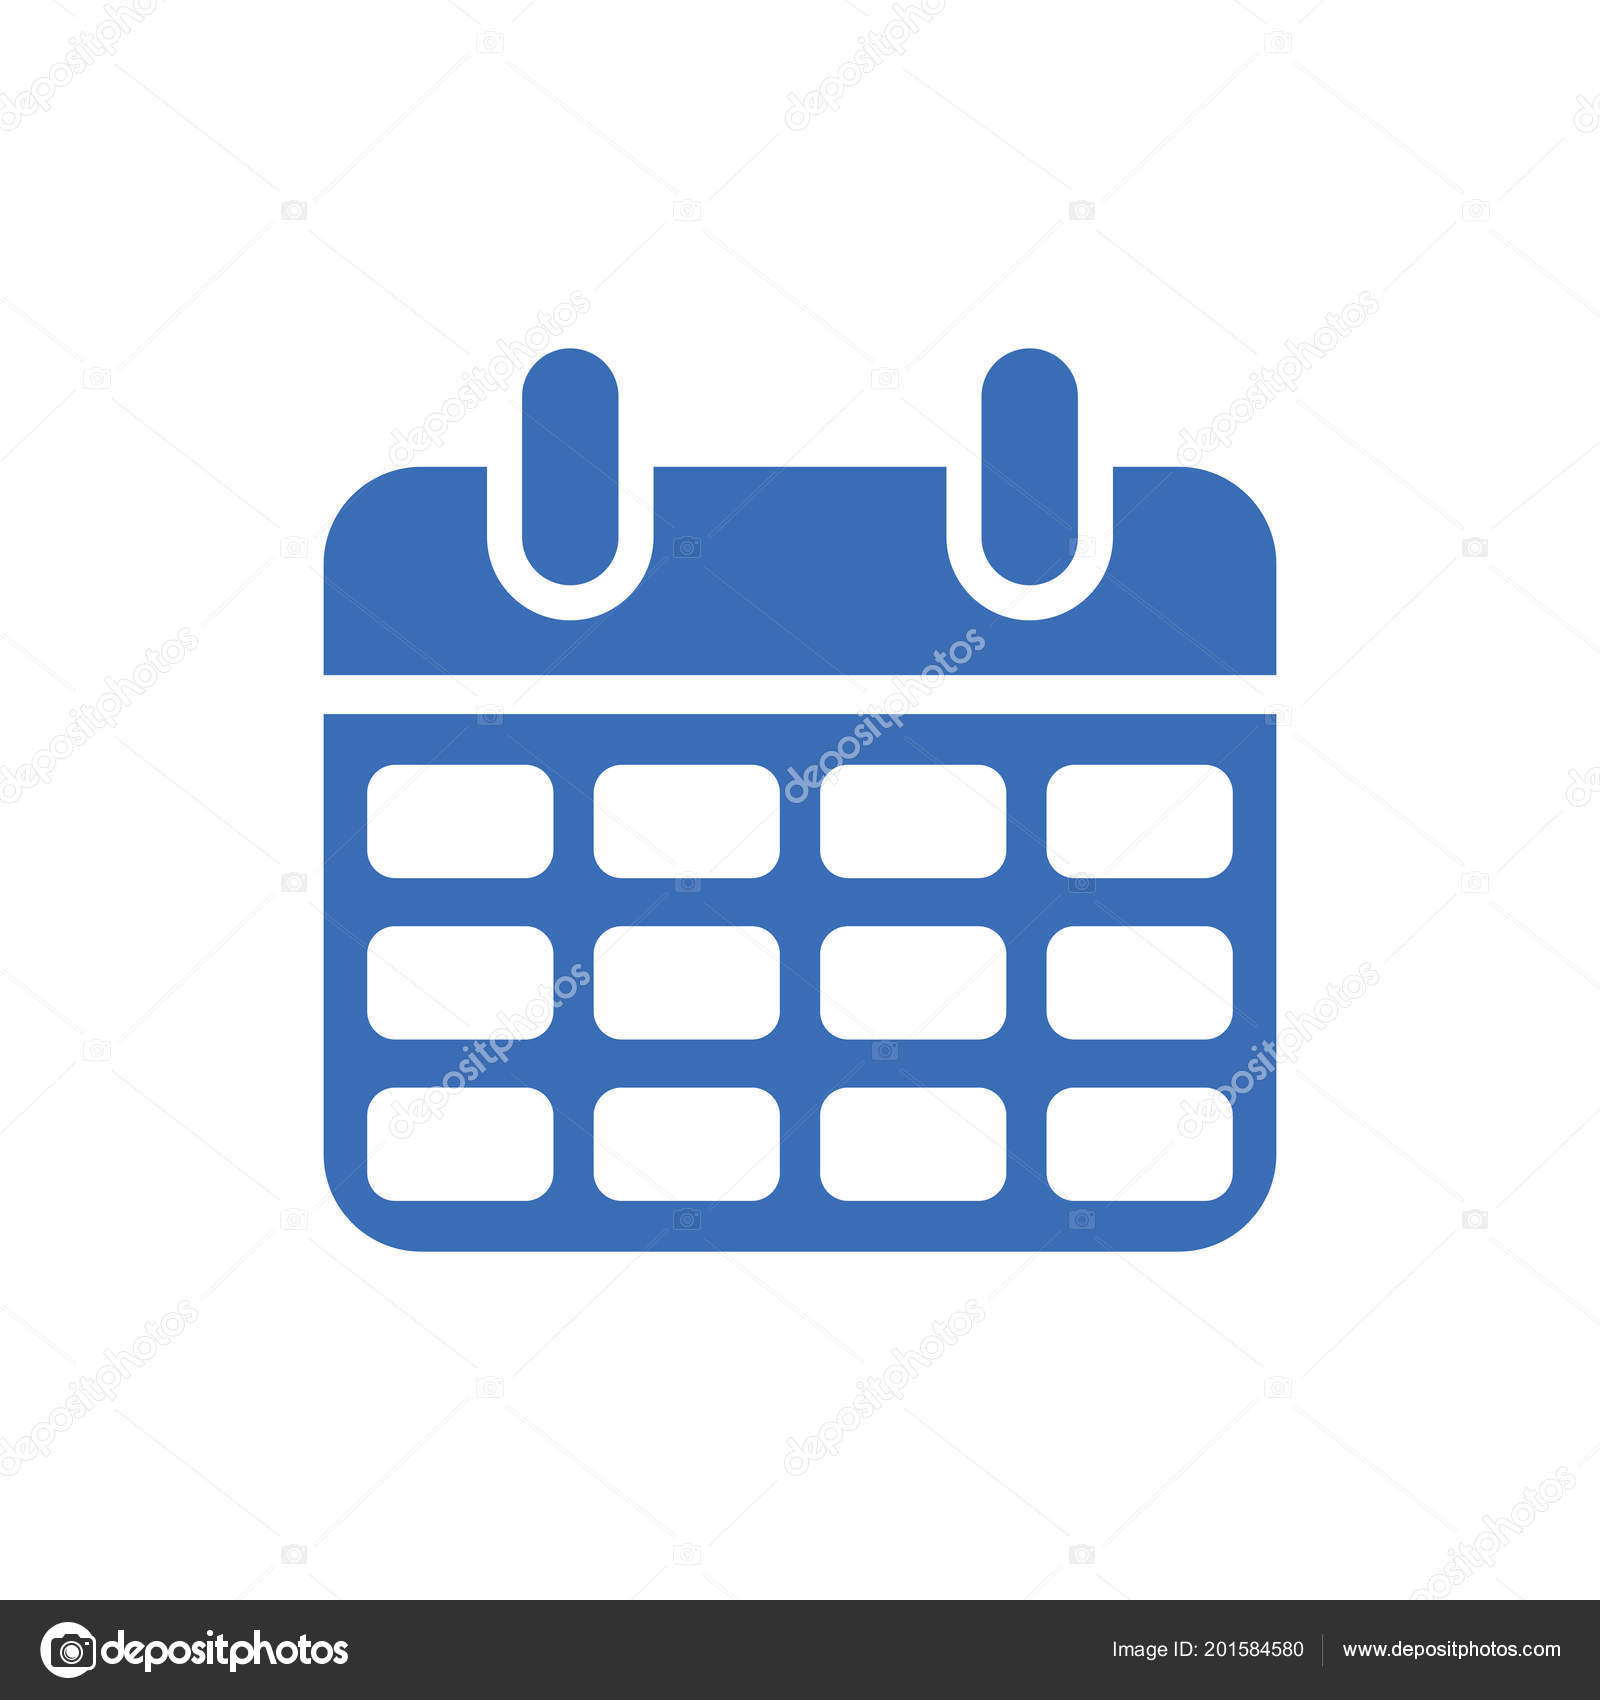 Simbolo De Calendario.Calendario Simbolo Di Evento Giorno O Mese Icona